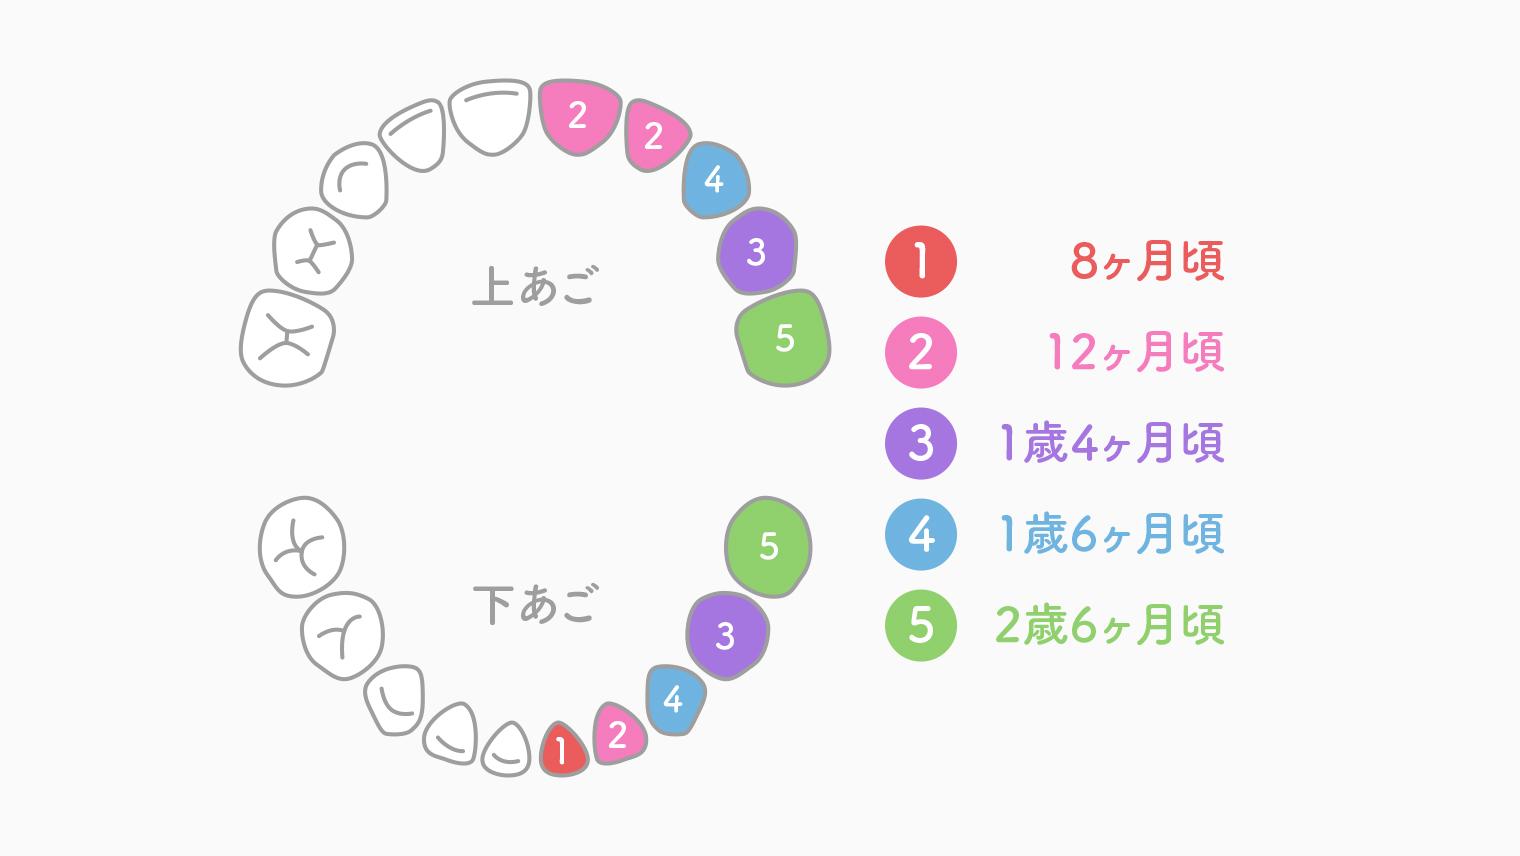 乳歯の生える時期・永久歯への生え変わり時期や順番は?